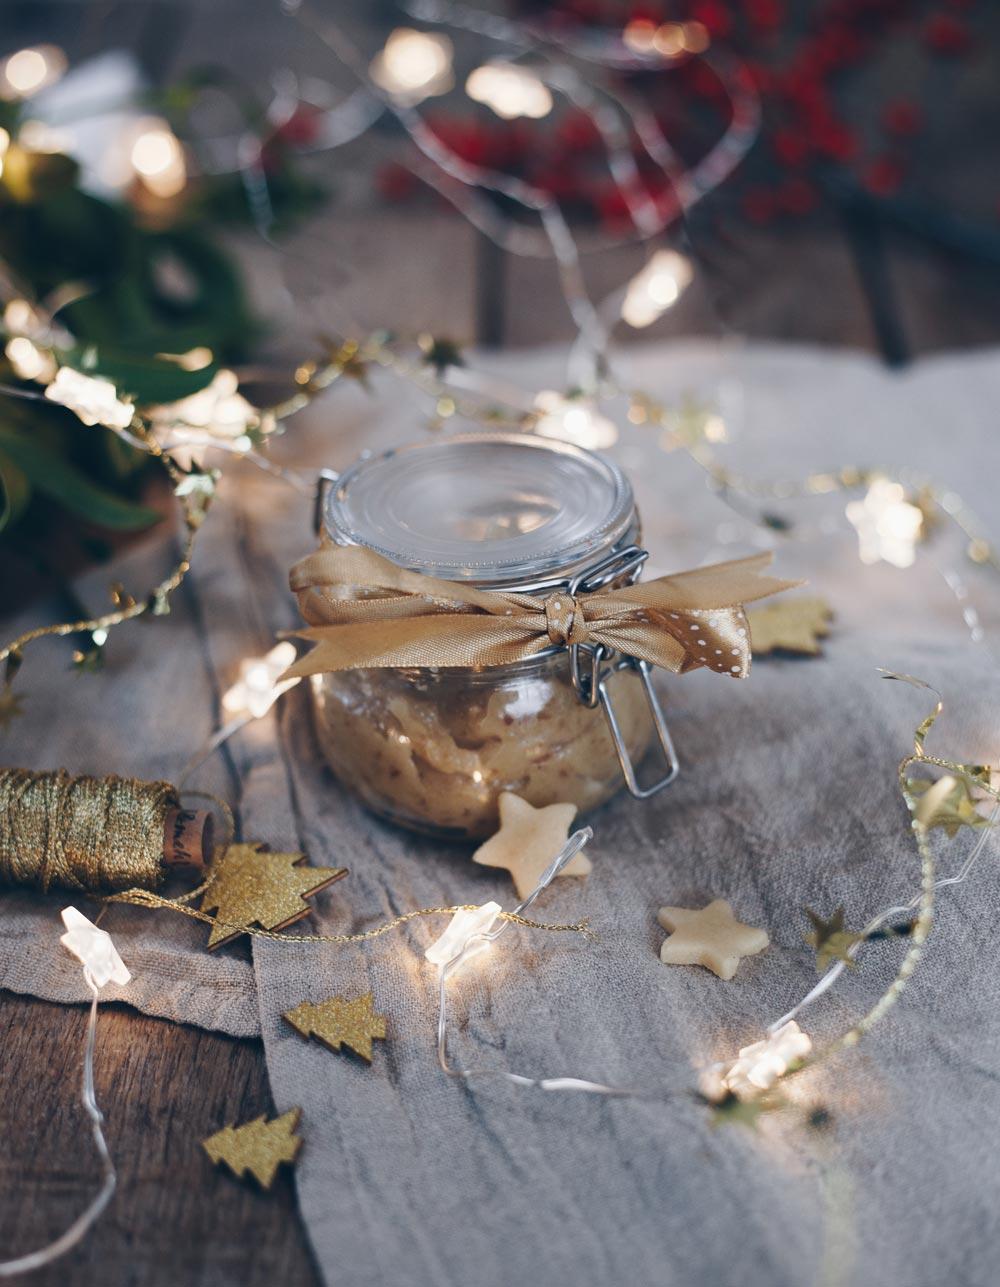 Marzipanaufstrich mit Datteln und Zimt - Geschenkidee aus der Küche - lecker zum Weihnachtsbrunch